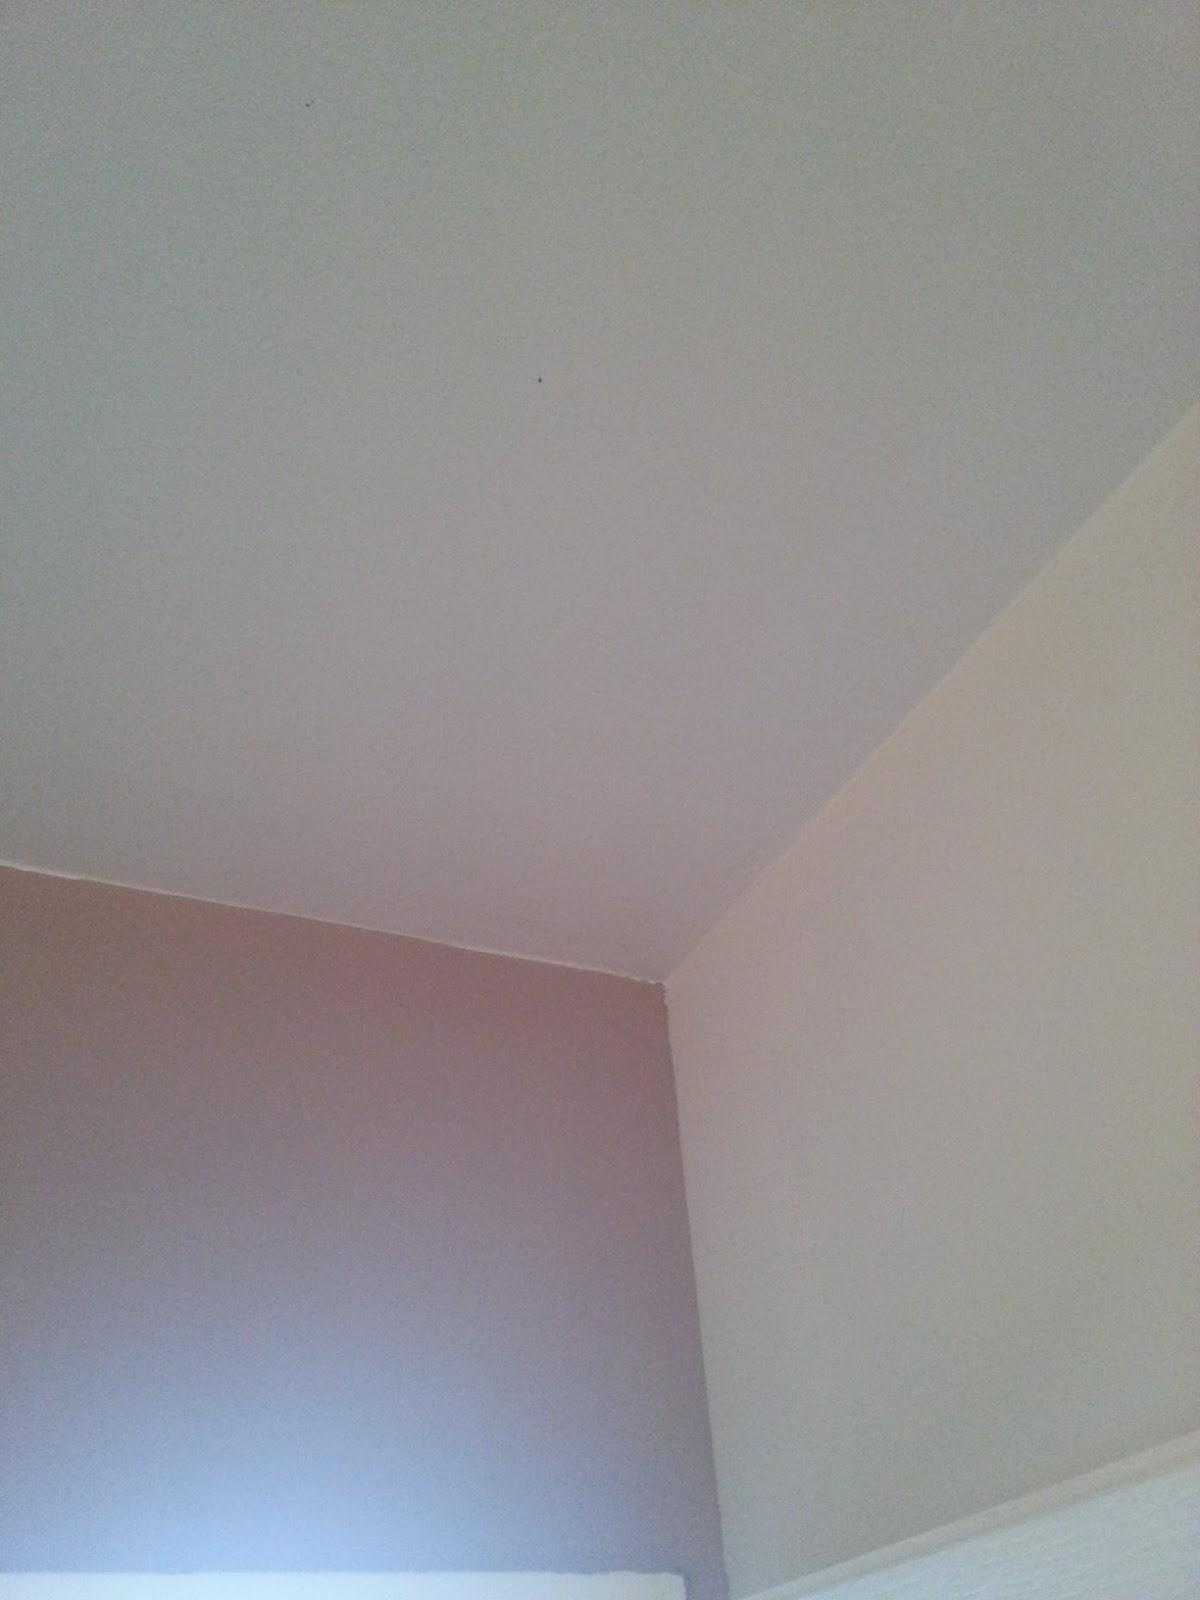 b t s retouche peinture plafond. Black Bedroom Furniture Sets. Home Design Ideas